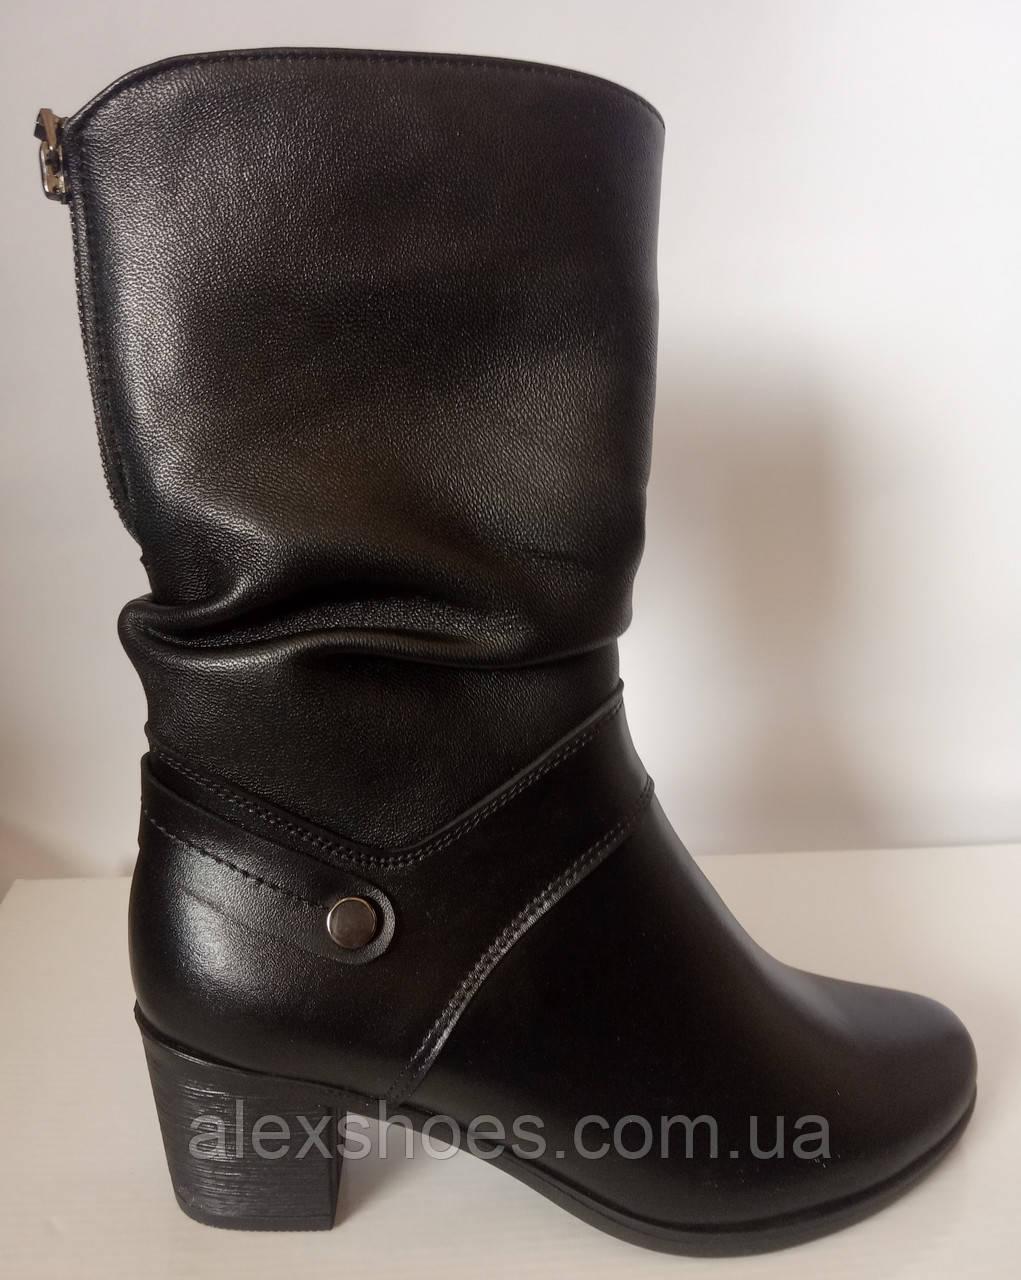 Сапоги женские зима из натуральной кожи на каблуке от производителя модель СВ520